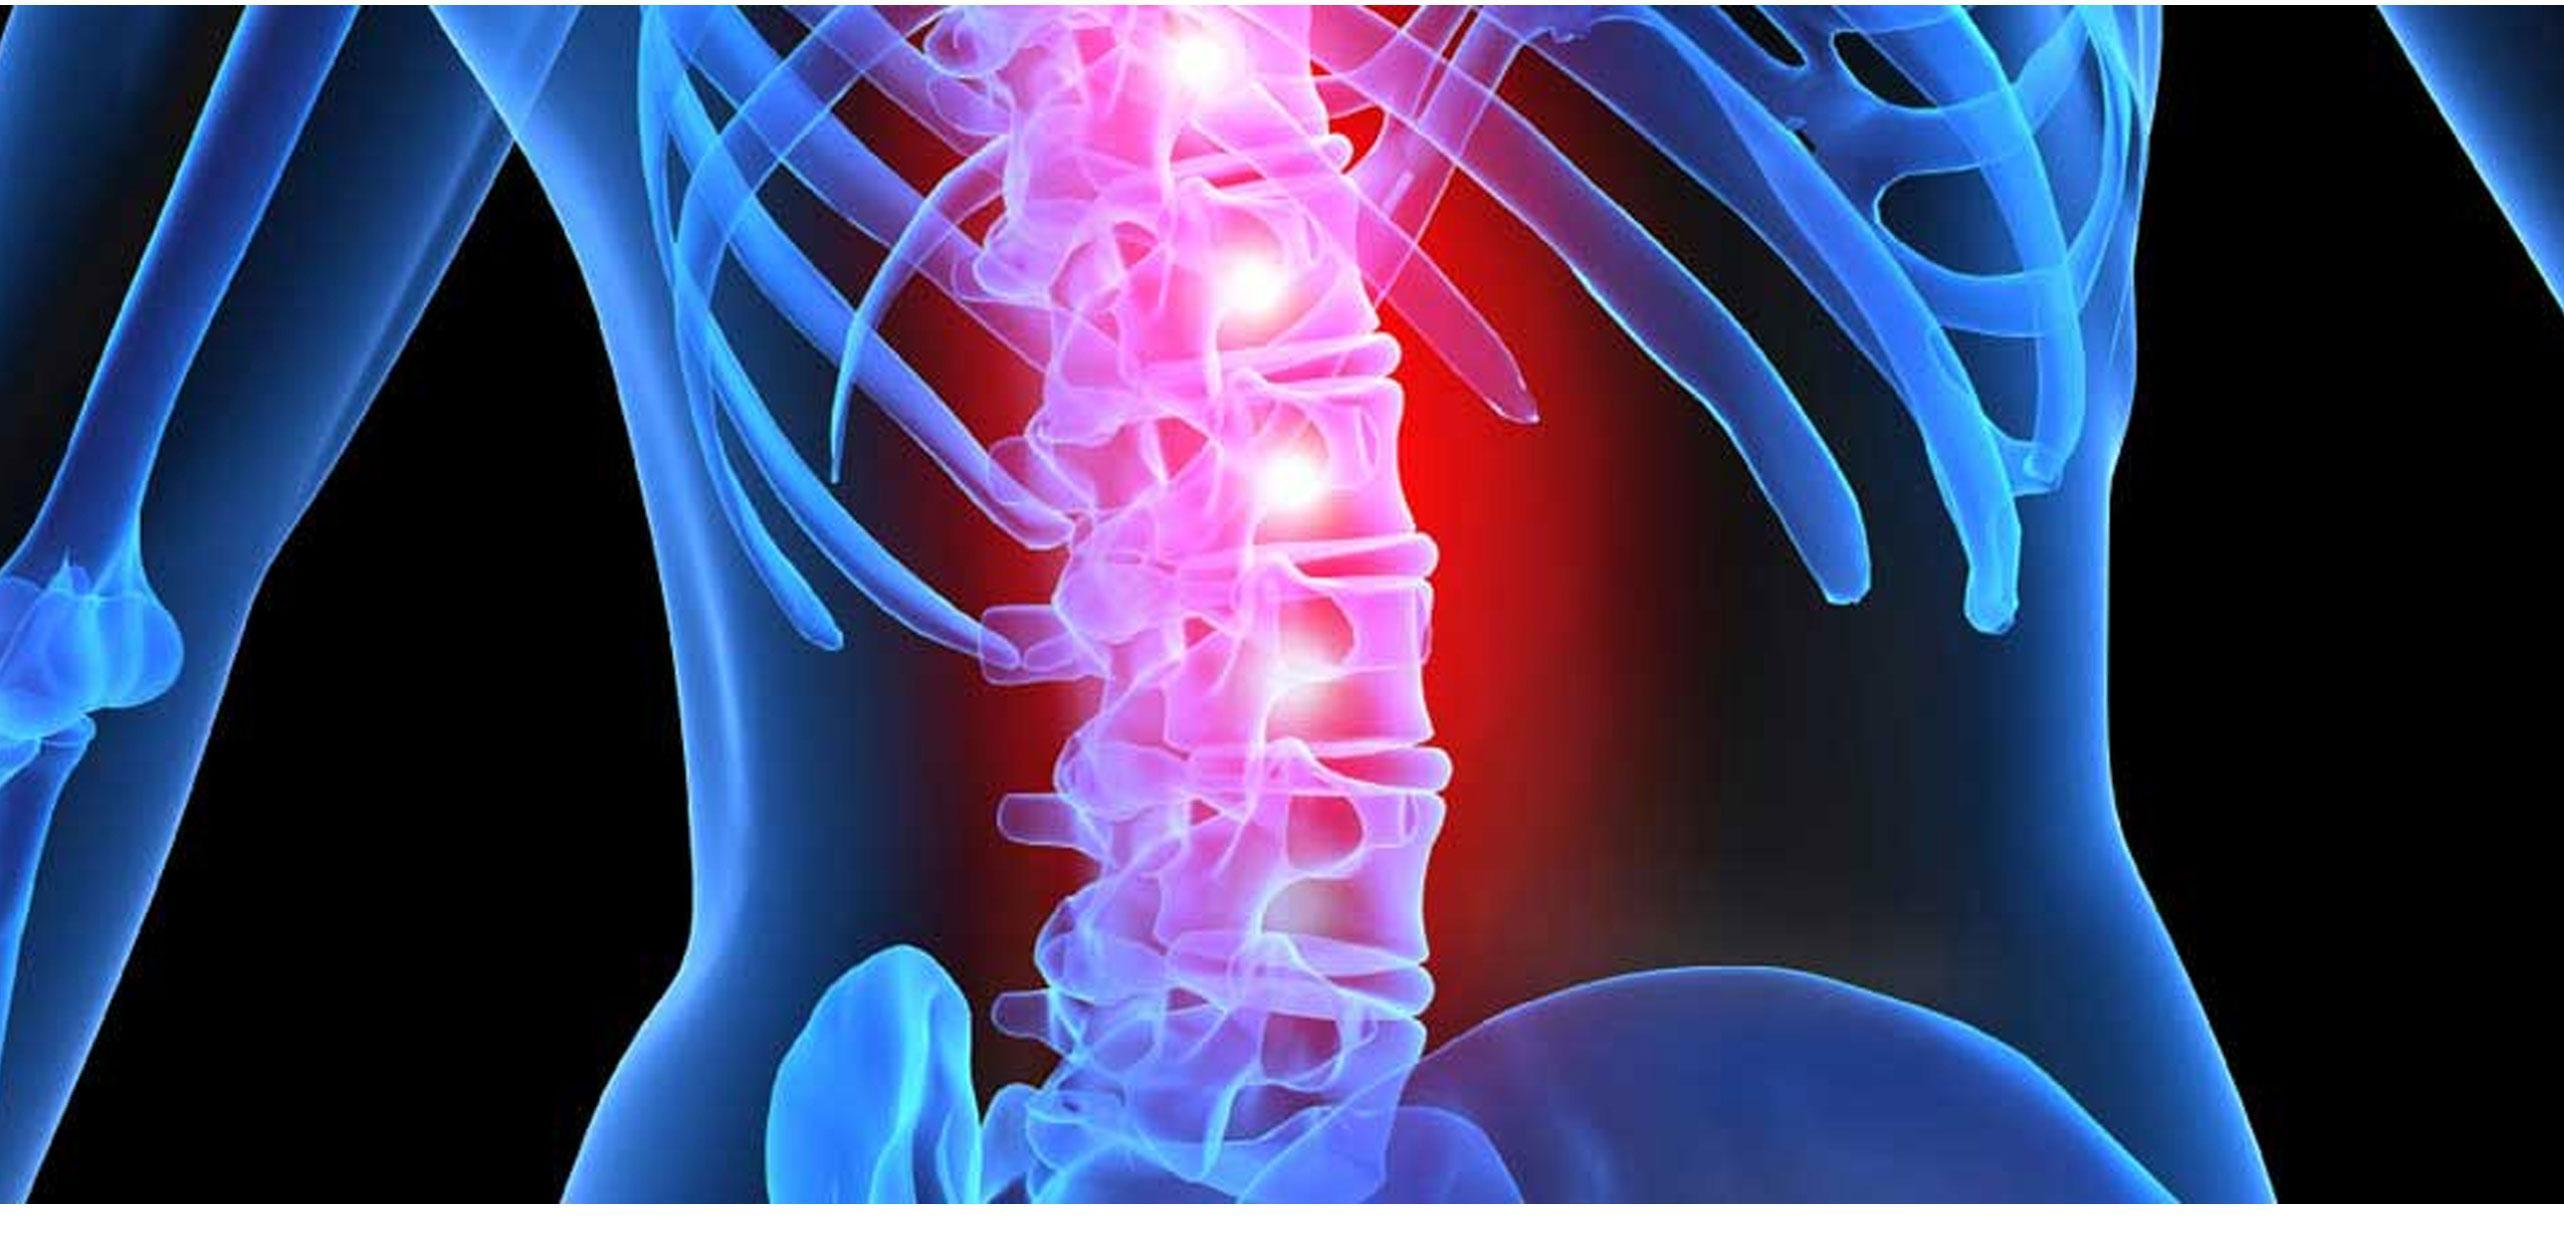 spinal cord injury patientsa - 960×444